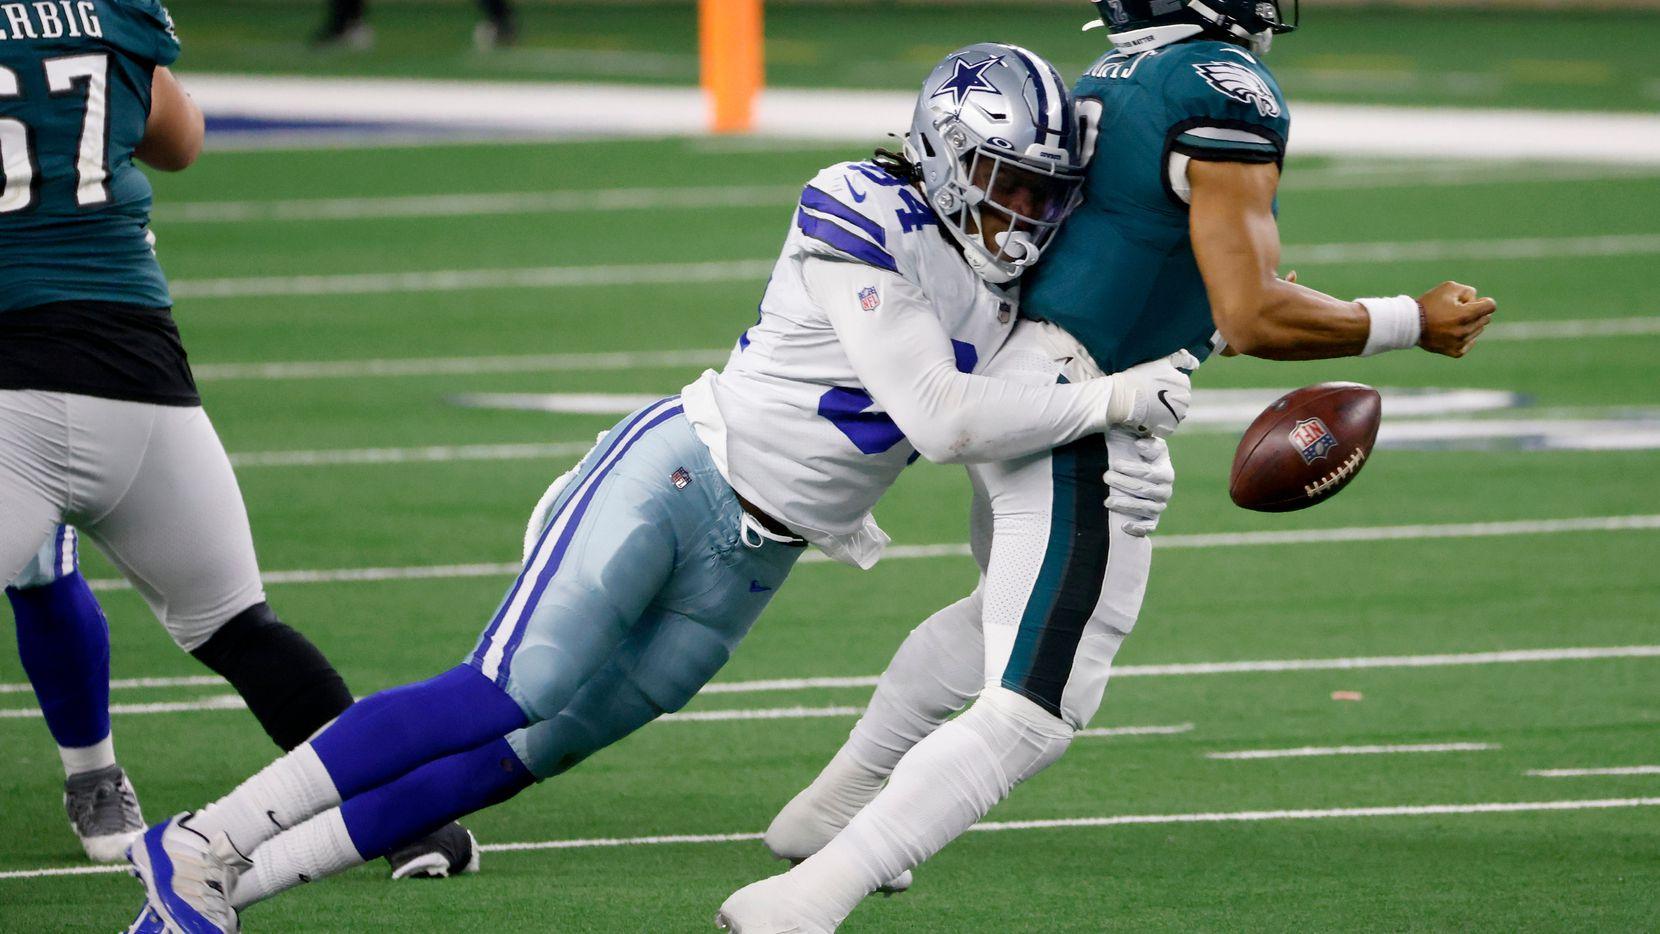 El mariscal de campo de los Eagles de Filadelfia, Jalen Hurts (der), suelta el balón cuando es capturado por el ala defensiva de los Cowboys de Dallas, Randy Gregory (izq) en el juego del domingo 27 de diciembre de 2020 en AT&T Stadium de Arlington